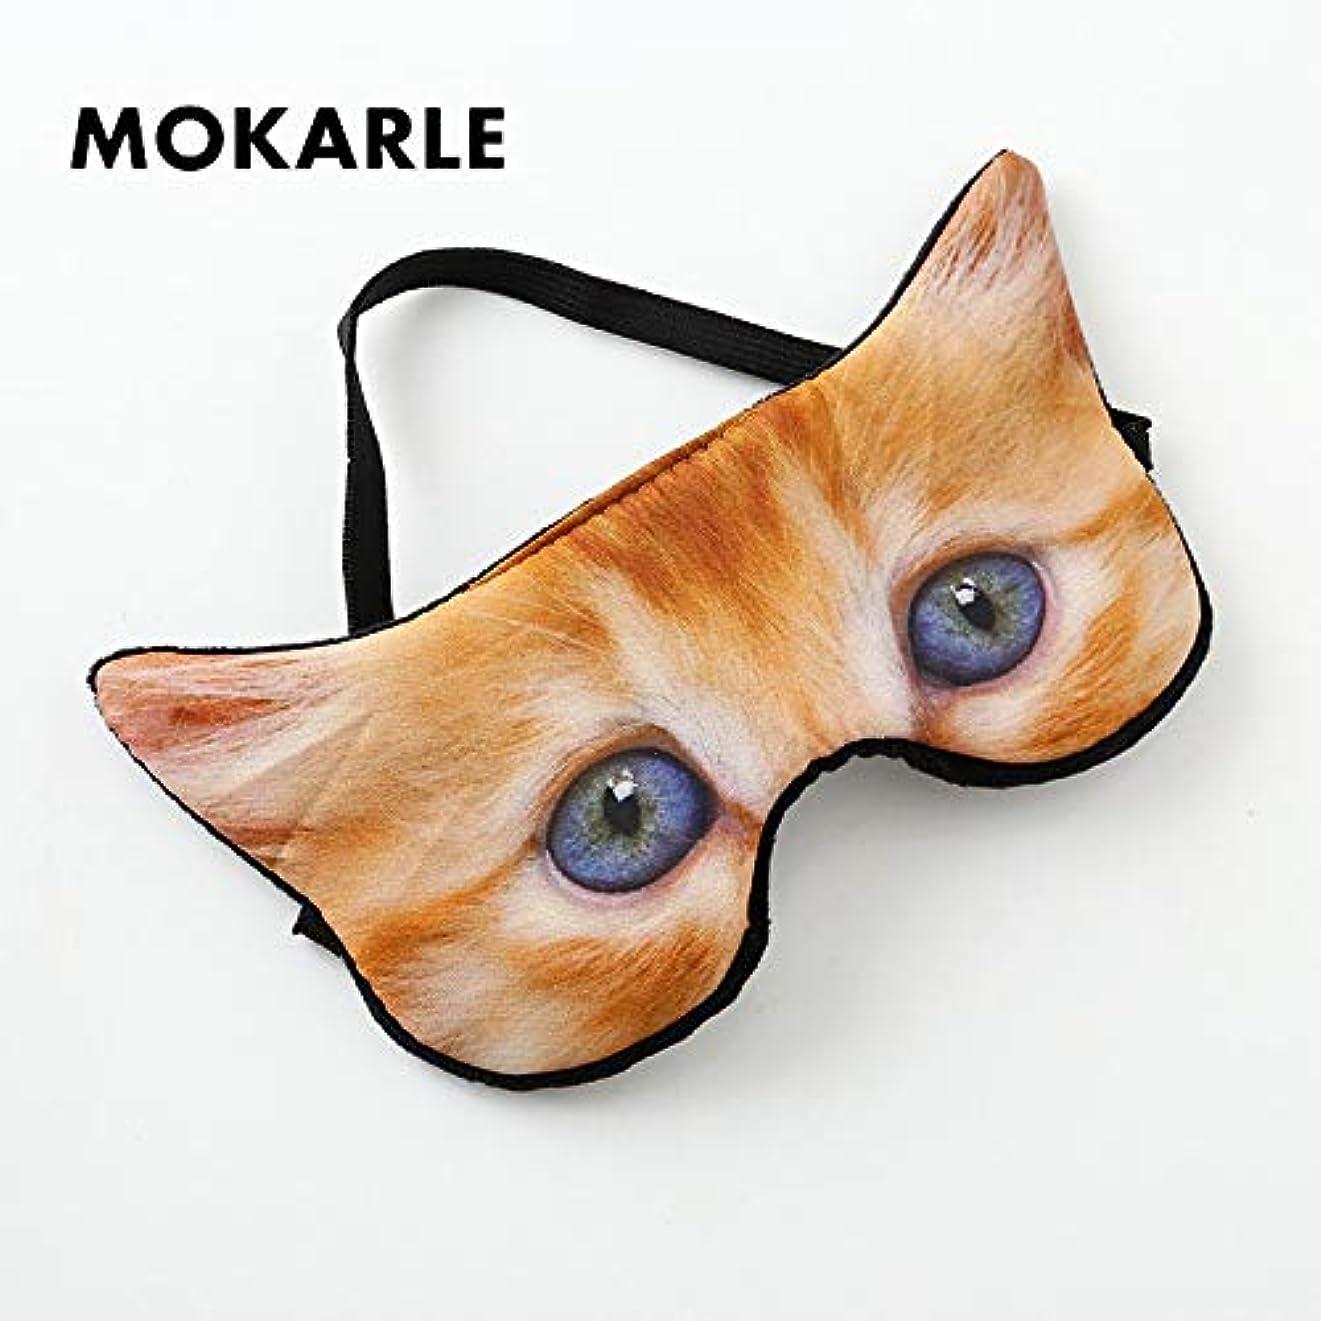 製作金銭的なやりがいのある注3 d動物漫画アイマスク用睡眠現実的なソフト目隠しクリエイティブタイガーパグ猫アイパッチシェーディングアイシェードカバー調整可能